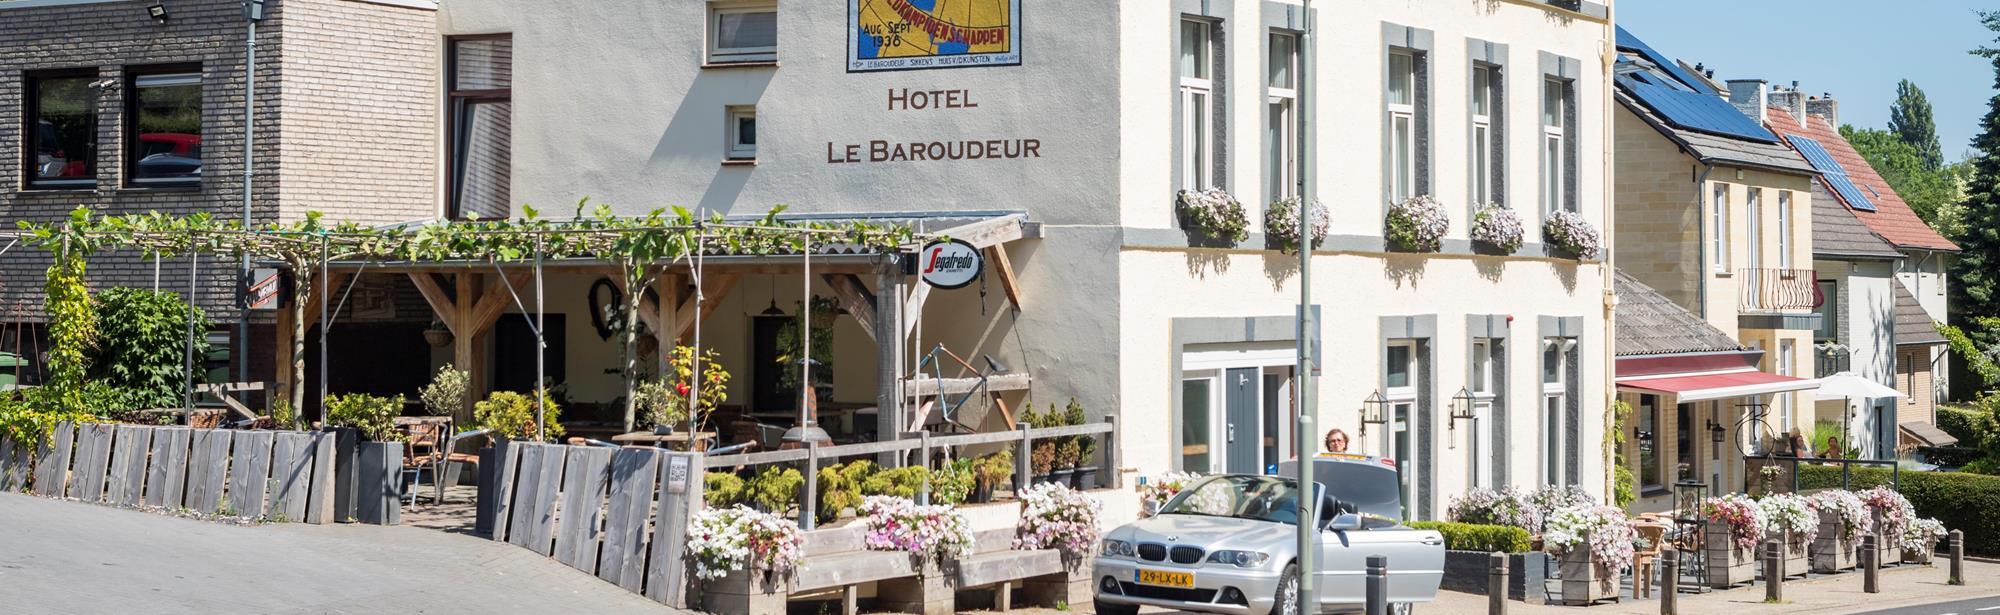 Hotel Le Baroudeur